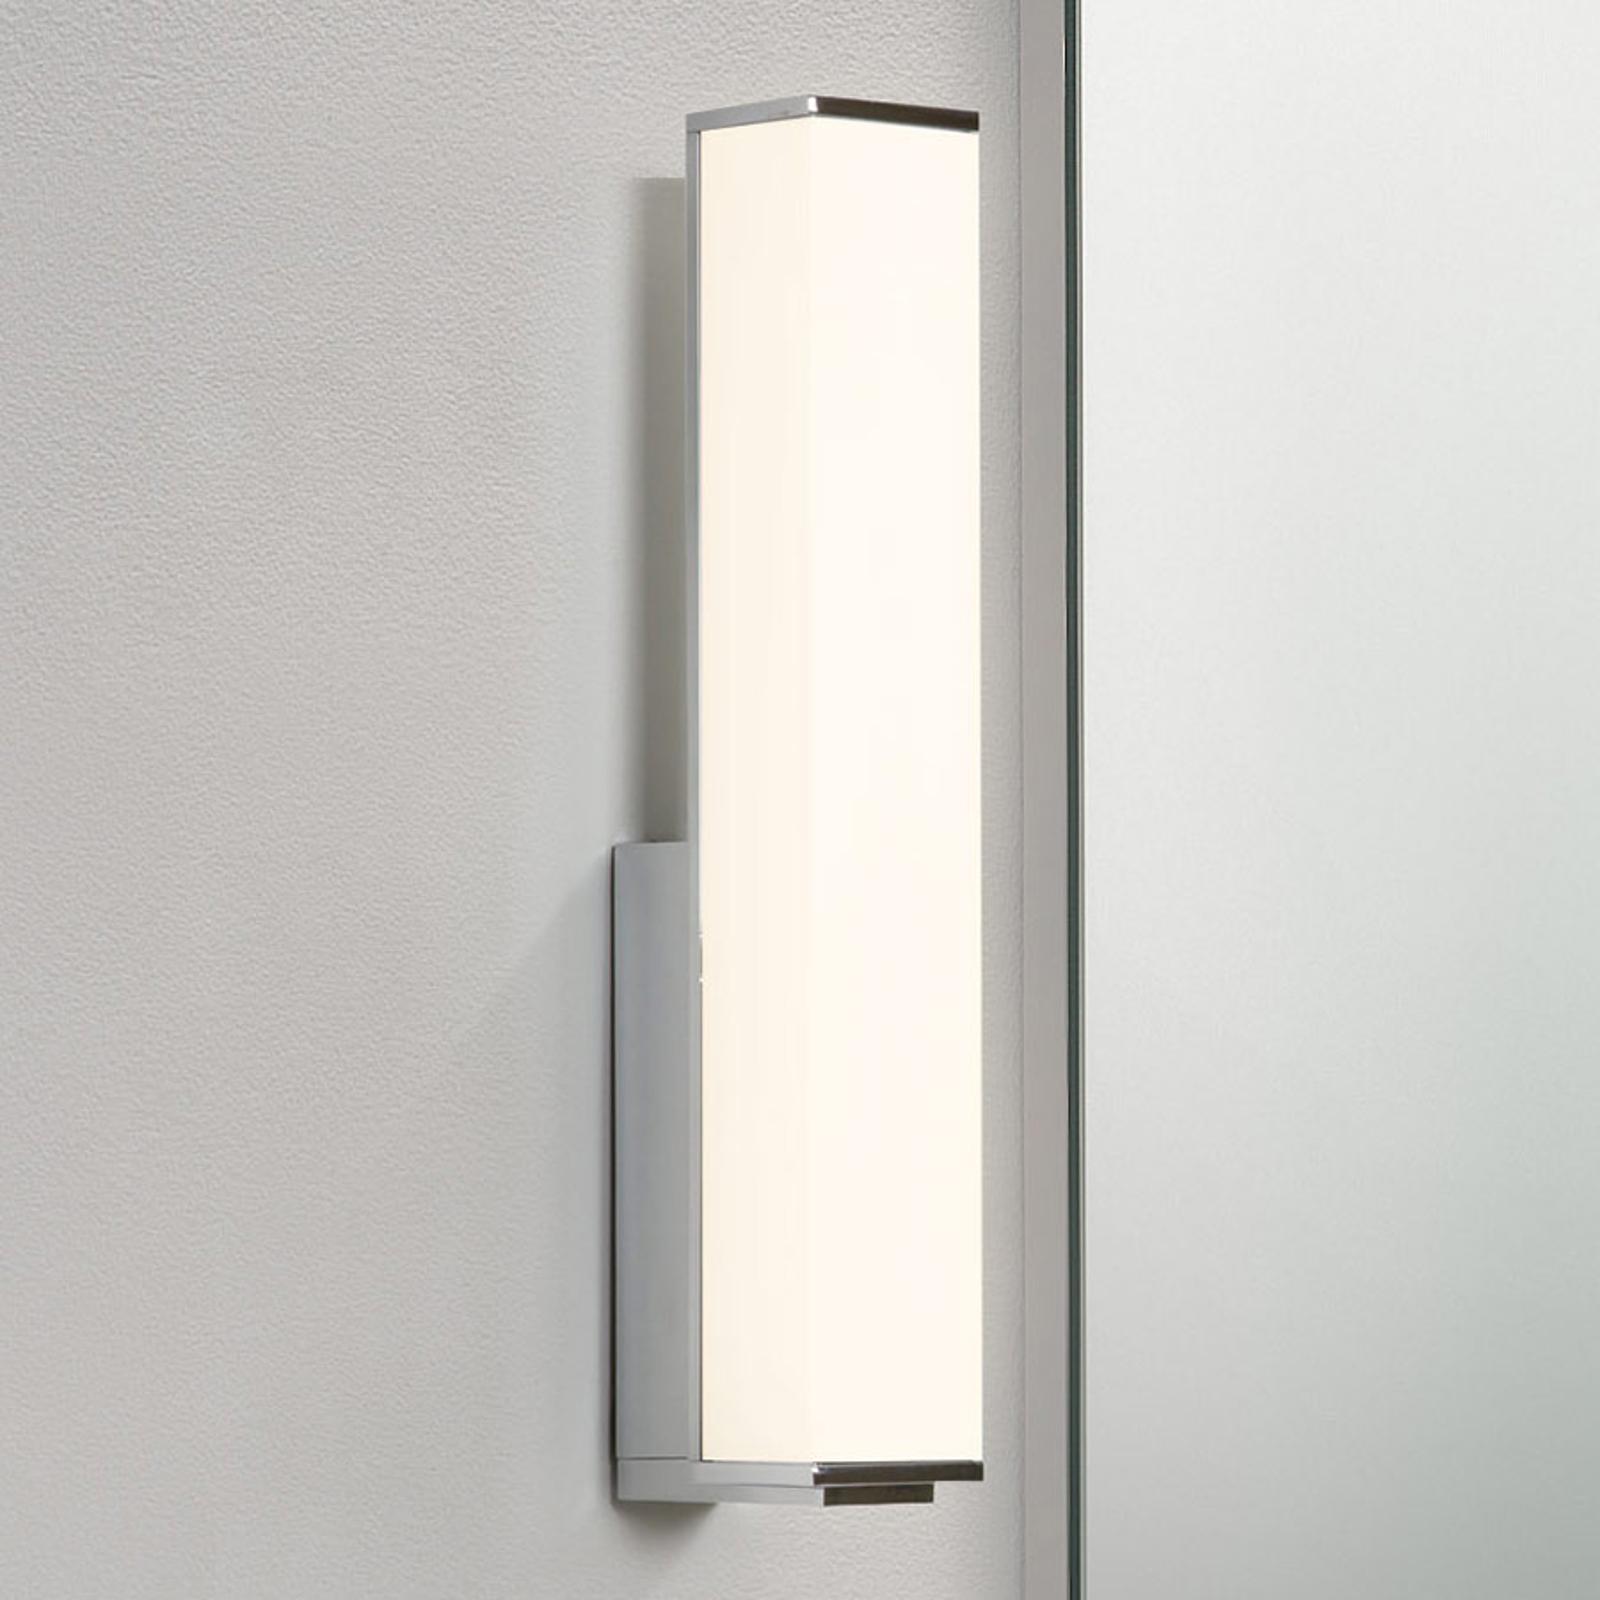 Lámpara de espejo LED Karla para cuarto de baño